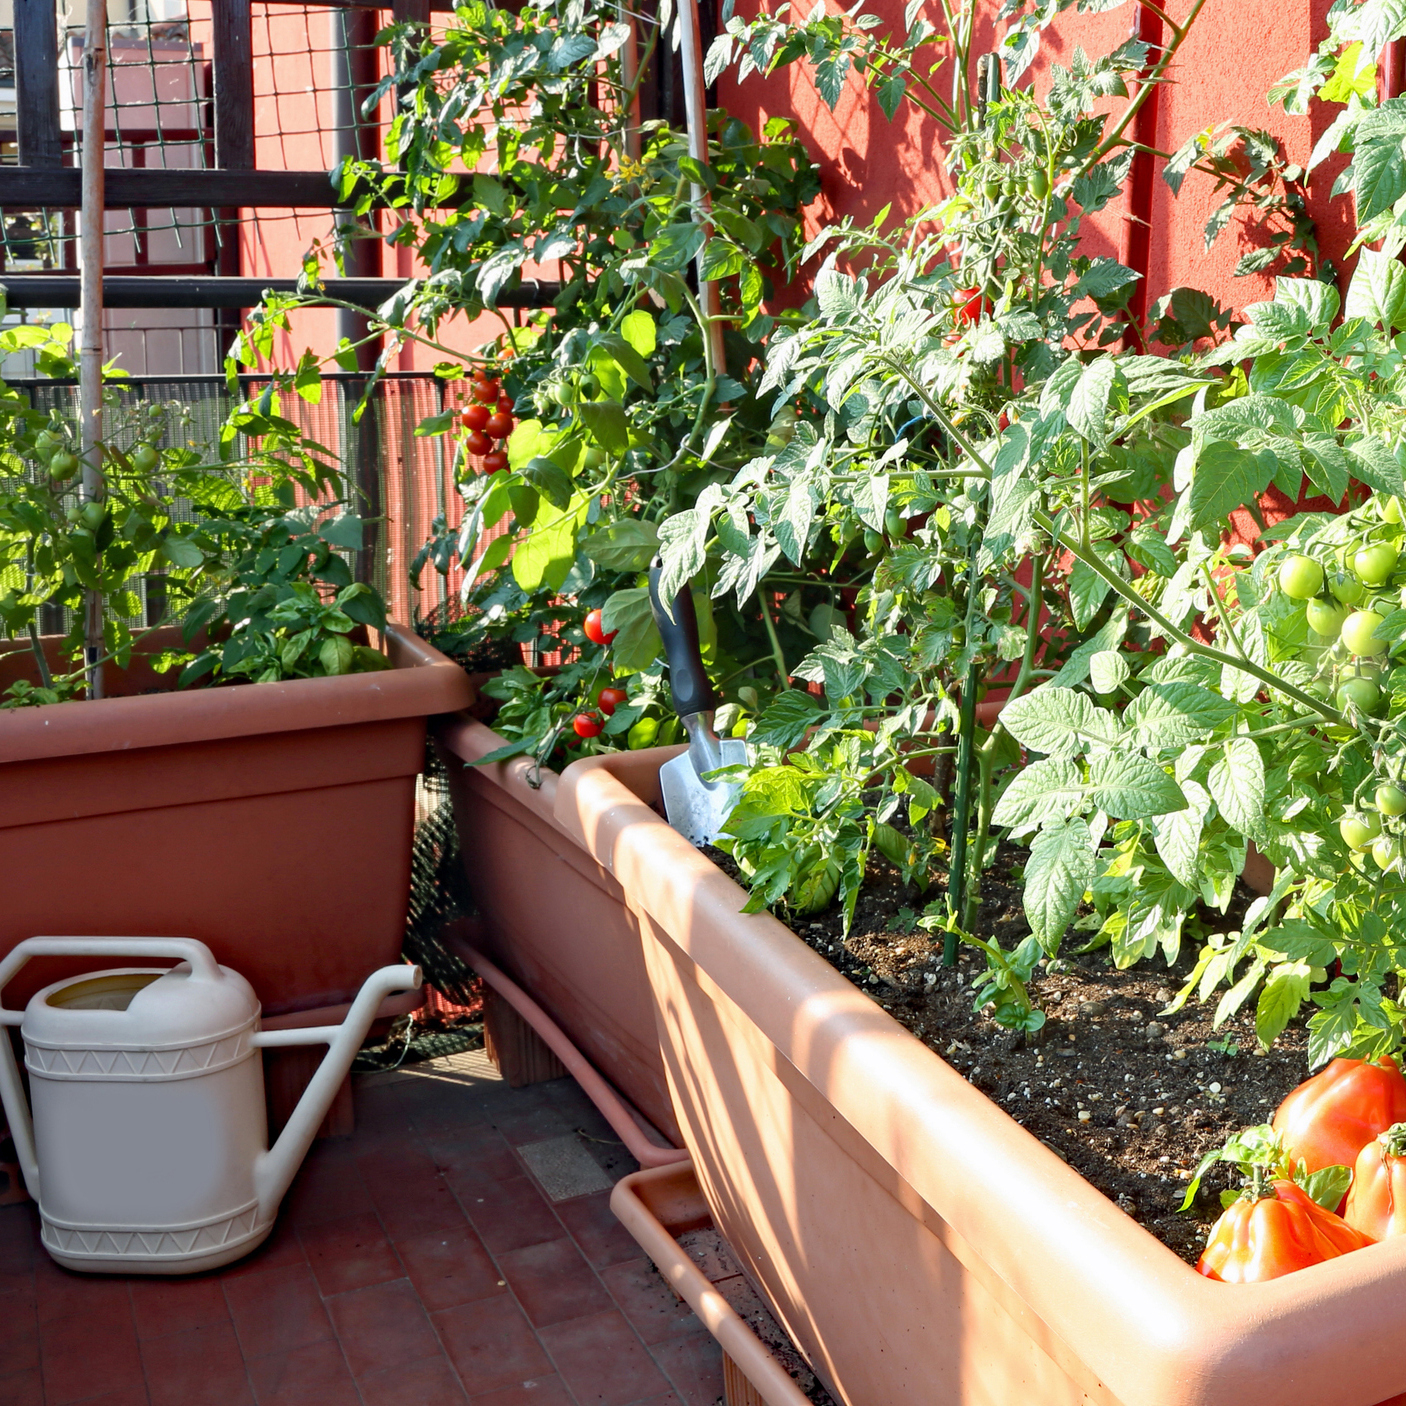 Comment Aménager Un Jardin Potager Sur Son Balcon ? – La ... tout Un Jardin Sur Mon Balcon